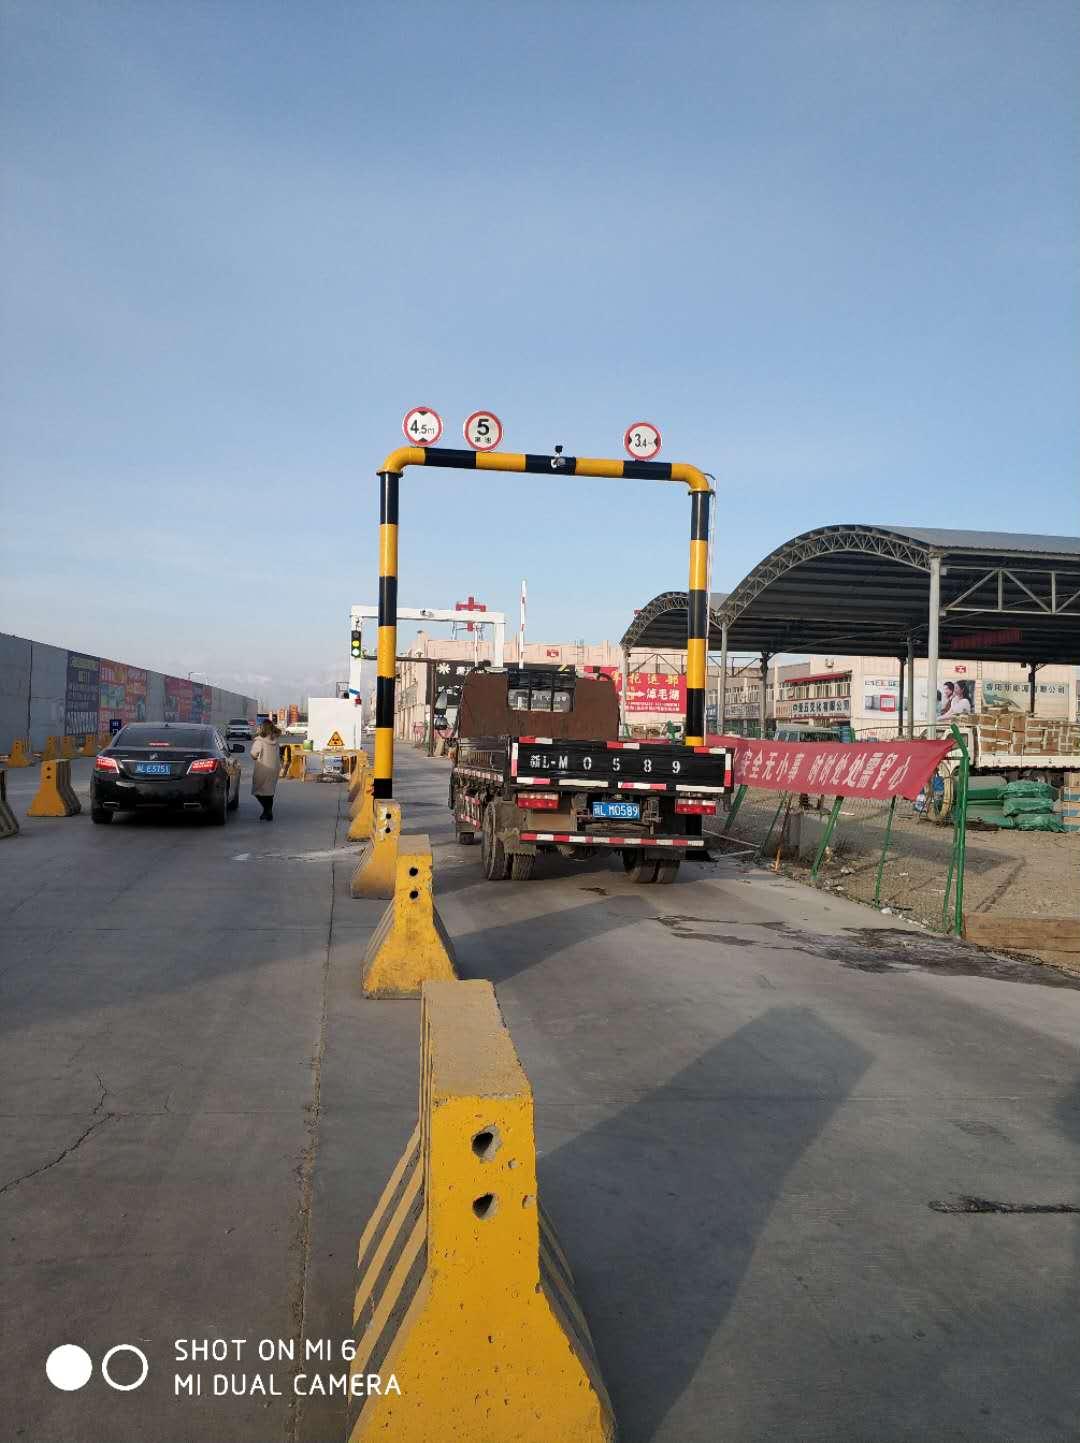 具备十大优势的IWILDT 大型物流安检机在新疆市场火成这样了!